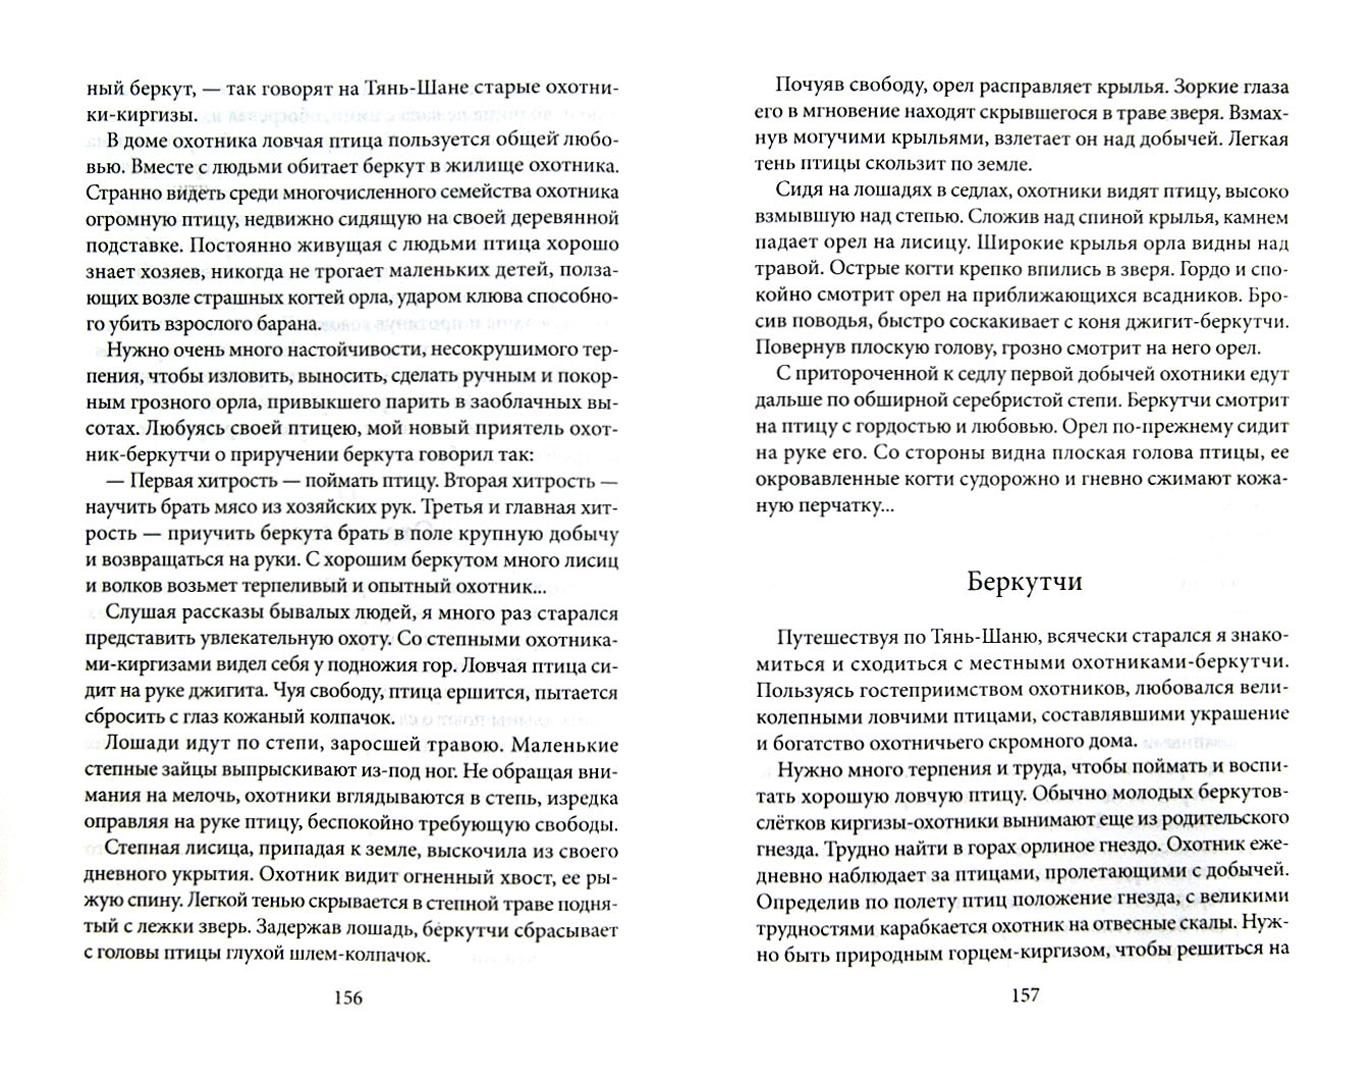 Иллюстрация 1 из 2 для Рассказы об охоте - Бианки, Сладков, Ливеровский, Соколов-Микитов, Гарновский | Лабиринт - книги. Источник: Лабиринт